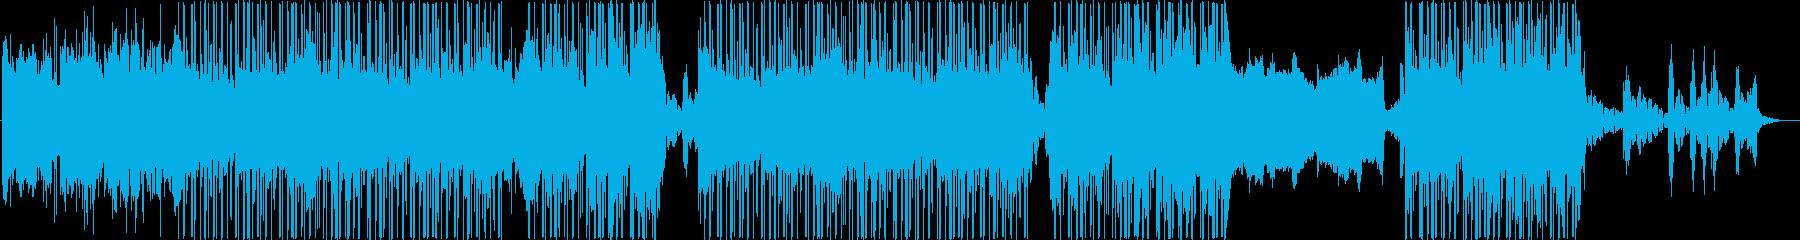 ローファイ、チルアウト、ヒップホップ♪の再生済みの波形